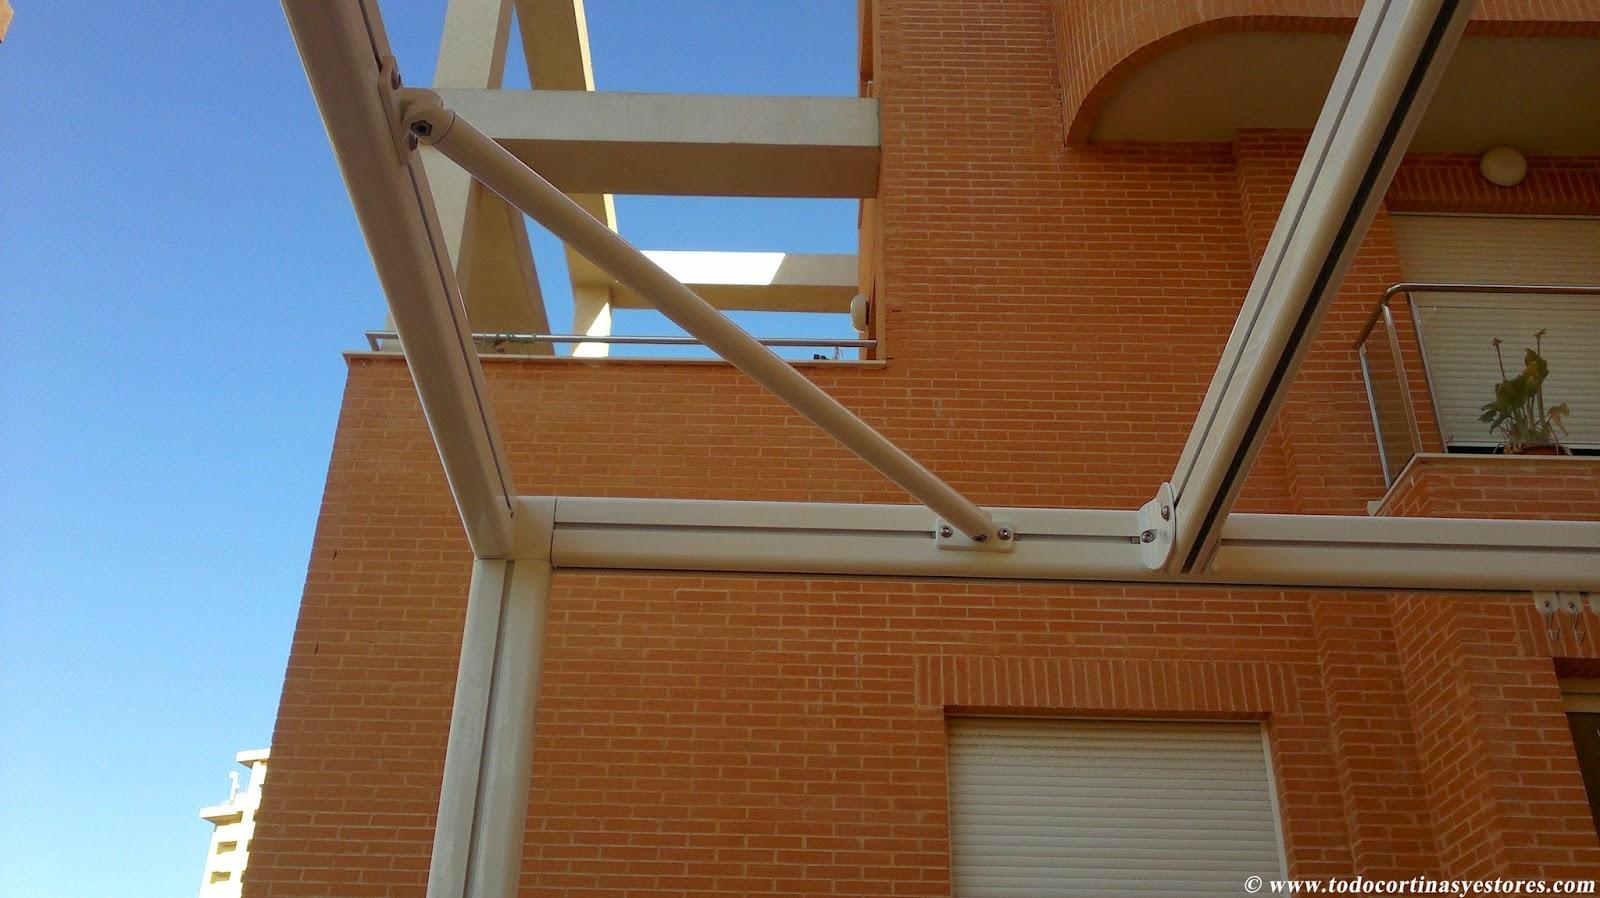 Decoracion interior cortinas verticales estores for Estructura de aluminio para toldo